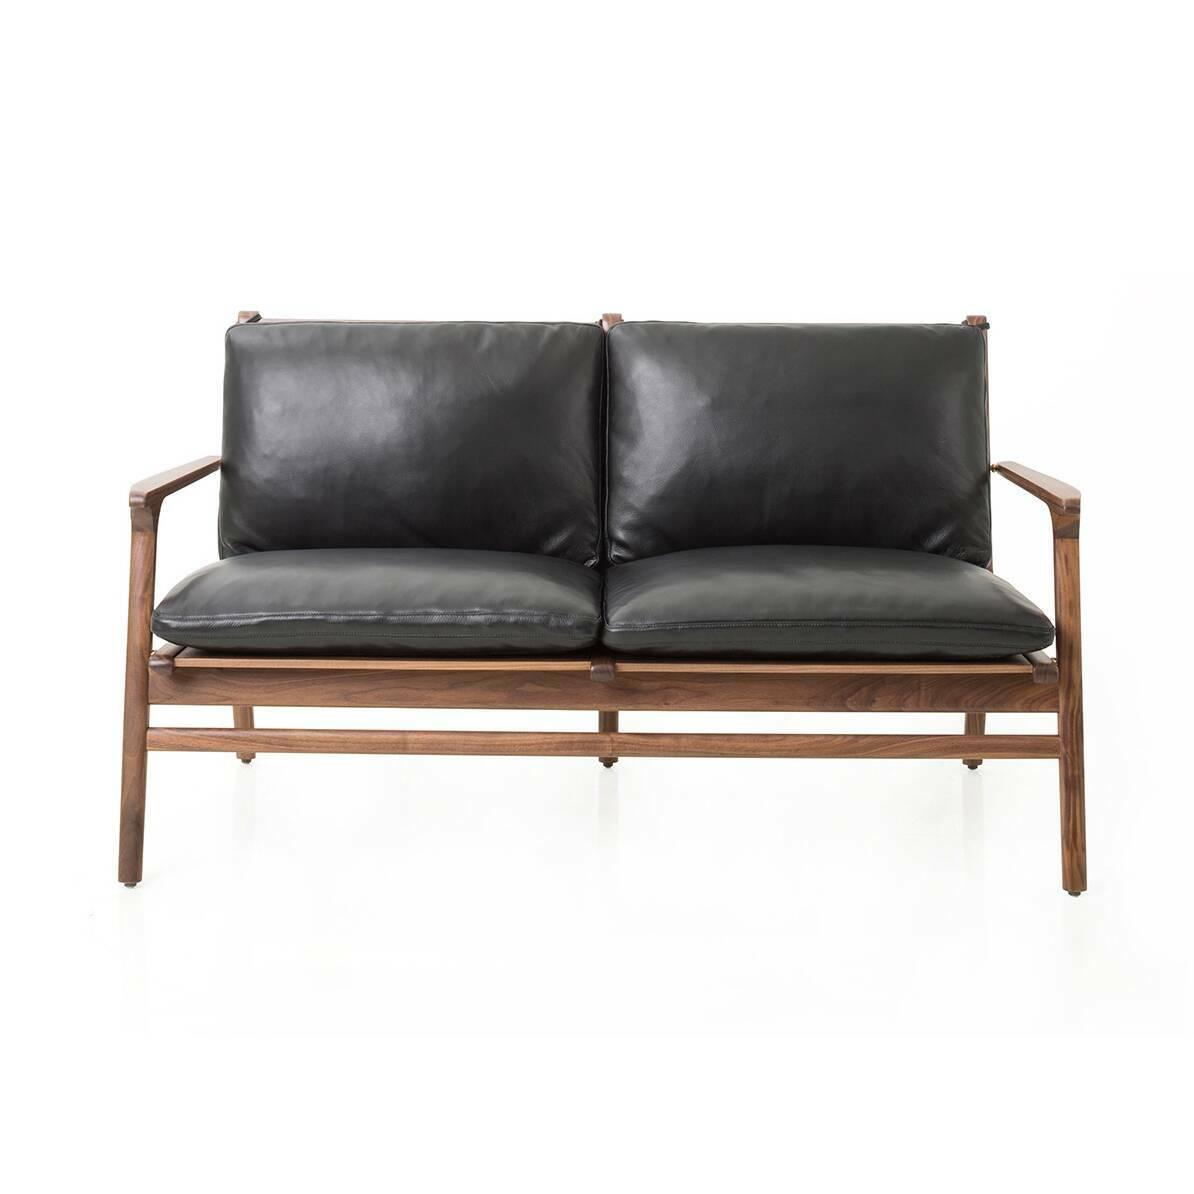 Диван Ren с кожаной обивкойДвухместные<br>Компания Stellar Works производит изделия, которые удивительным образом способны гармонировать как с традиционным искусством обустраивать помещение, так и с самыми современными стилями. Диван Ren с кожаной обивкой представляет собой именно такой симбиоз современности и классики.<br><br><br> Кроме стильного дизайна диван может похвастаться и своими физическими качествами: благодаря натуральному ореховому массиву и кожаной обивке изделие обладает высокой прочностью и надежностью, оно практично, ...<br><br>stock: 0<br>Высота: 78<br>Высота сиденья: 38.5<br>Глубина: 71.2<br>Длина: 140<br>Материал каркаса: Массив ореха<br>Тип материала каркаса: Дерево<br>Коллекция ткани: CARESS<br>Тип материала обивки: Кожа<br>Цвет обивки: Черный<br>Цвет каркаса: Орех